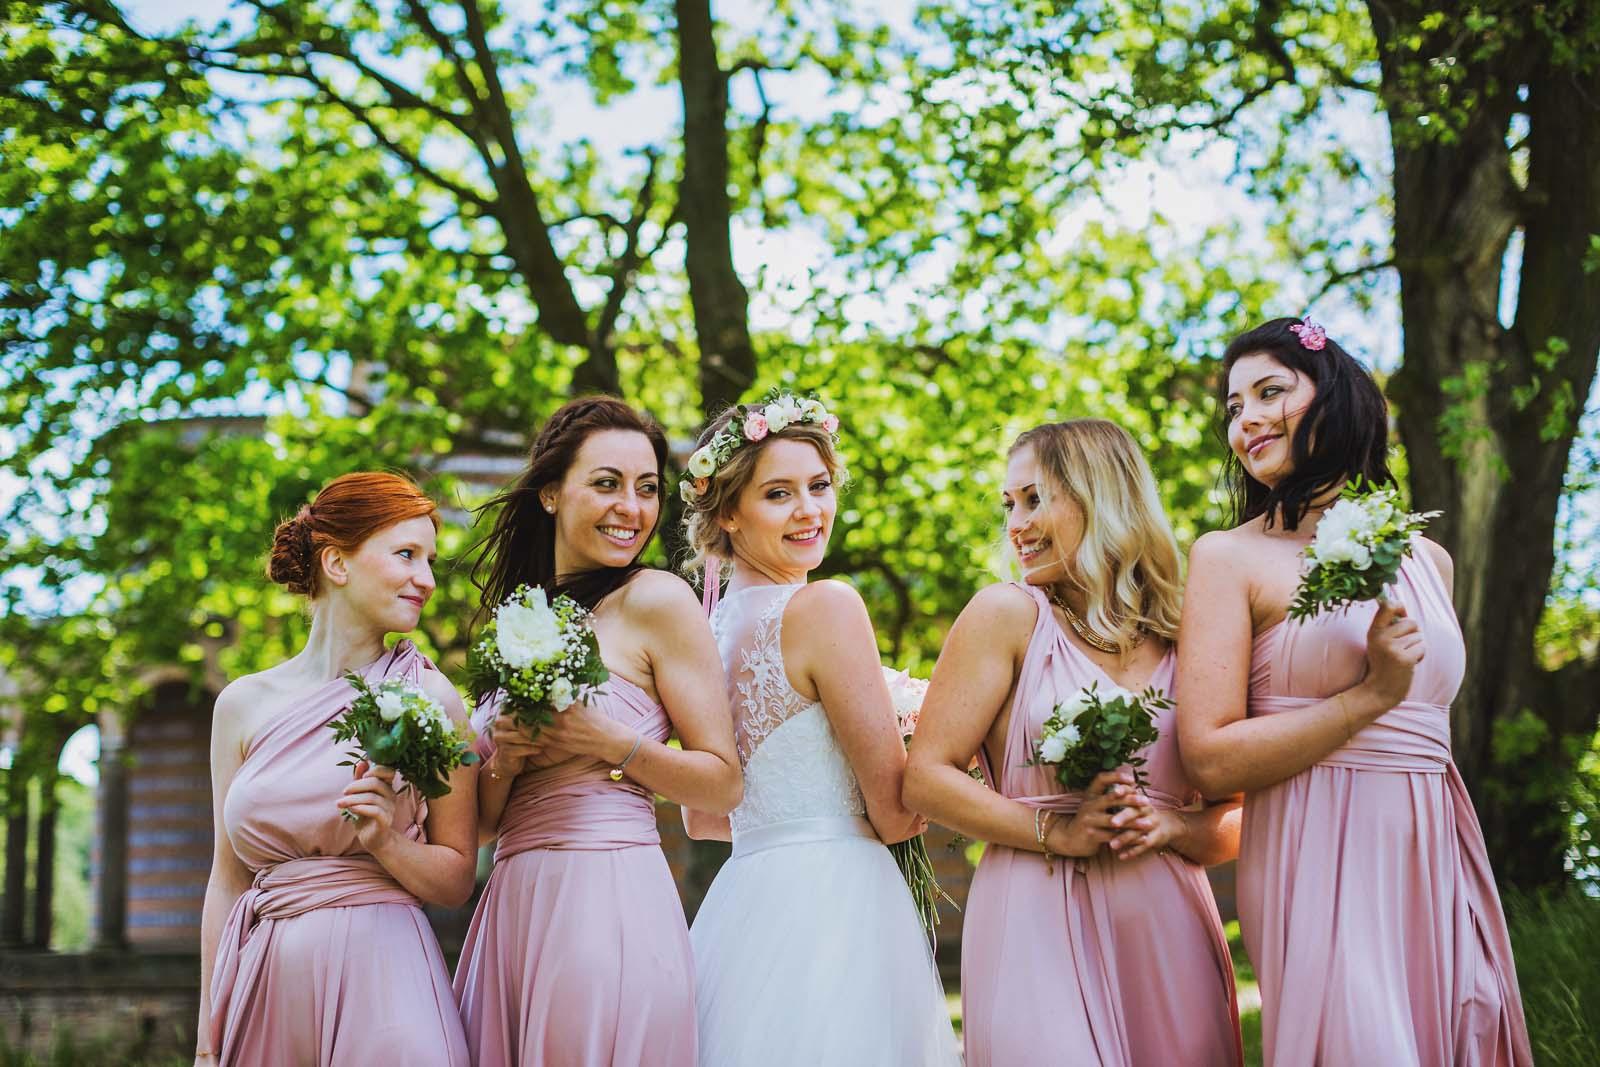 Braut und Brautjungfern professioneller Hochzeitsfotograf Potsdam Copyright by Hochzeitsfotograf www.berliner-hochzeitsfotografie.de